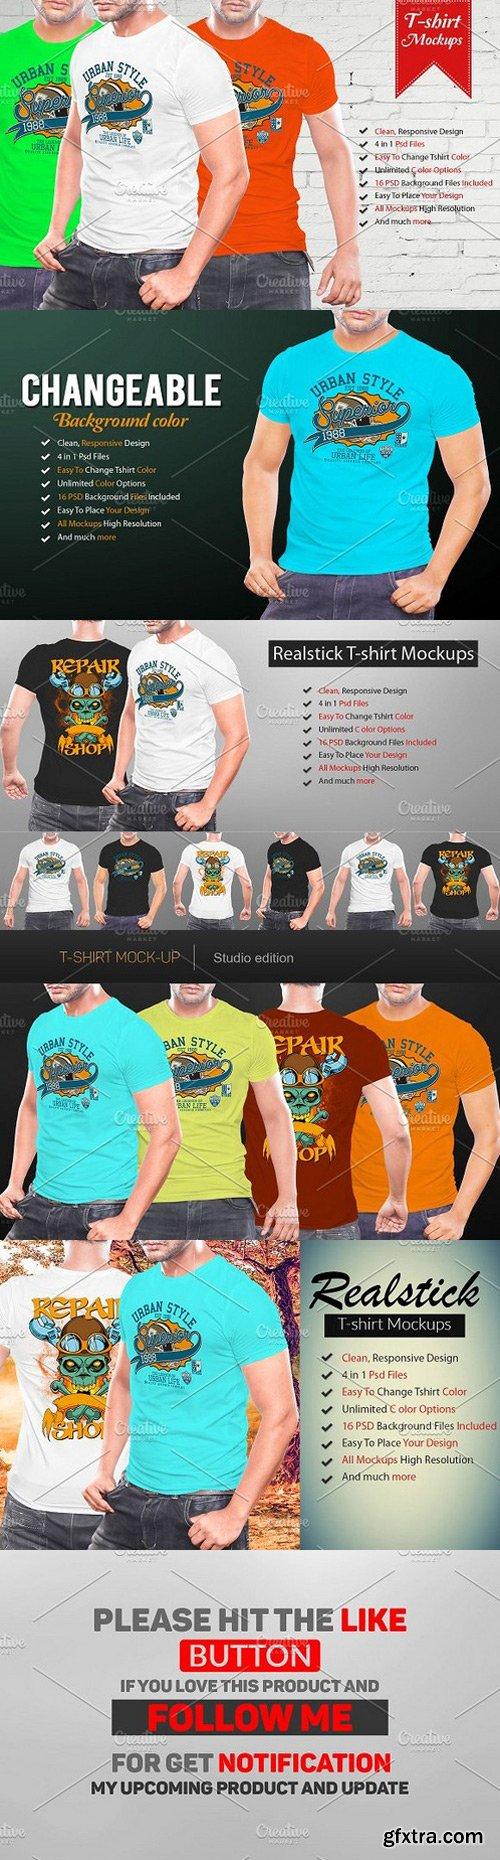 CM - Realistic Tshirt Mockup 1268991